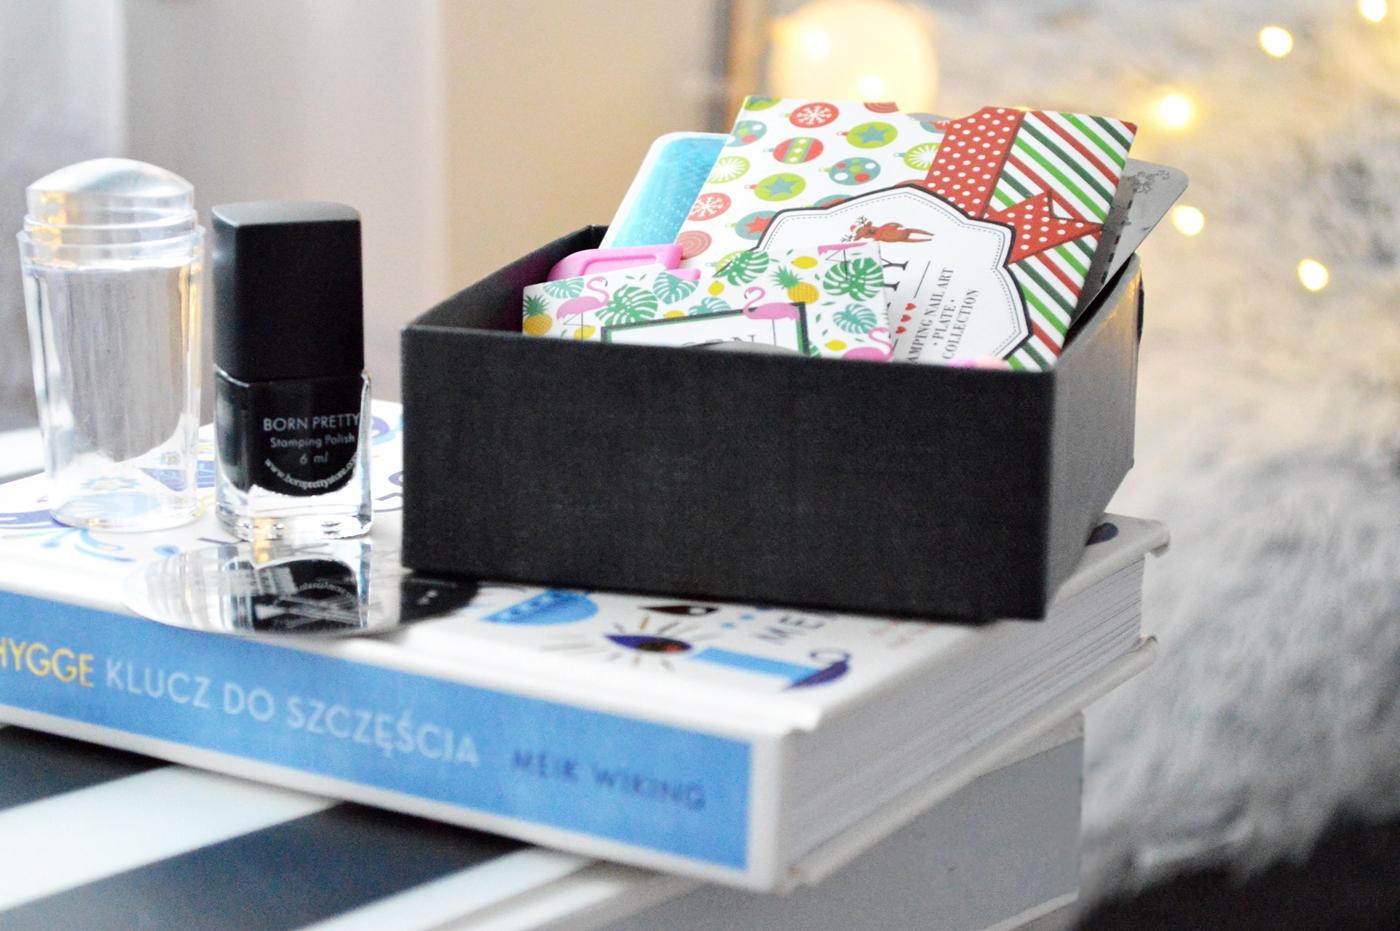 stemplowanie paznokci co jest potrzebne, co kupić blog